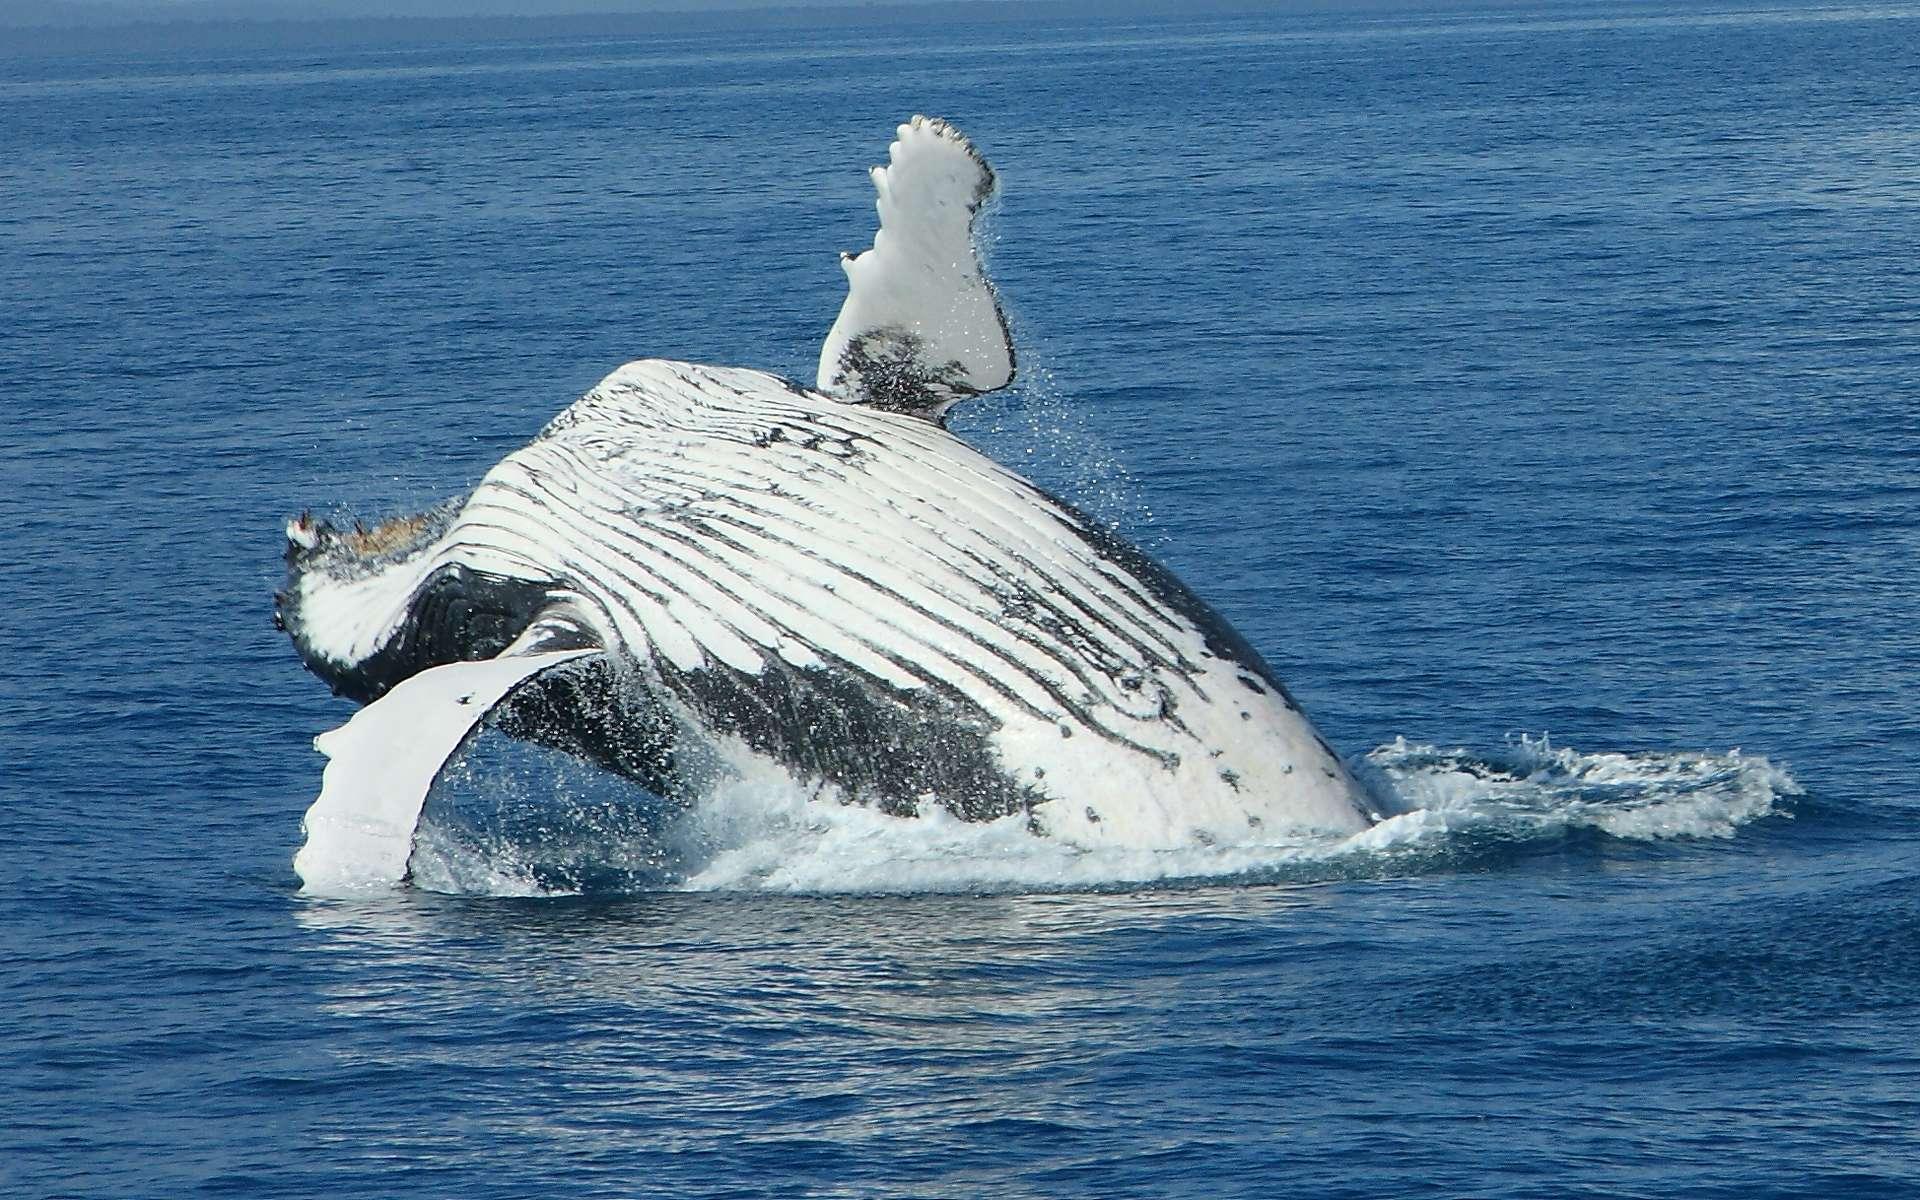 La baleine bleue est le plus grand animal vivant de la planète. Pourtant, malgré ses 180 tonnes, ses 30 m de long et un nombre important de cellules, ce mammifère marin est beaucoup moins atteint par le cancer que les animaux plus petits. Un mécanisme de survie qui n'est pas sans contraintes : il limiterait par exemple le nombre de descendants. © Michael Dawes, Fotopédia, cc by nc 2.0